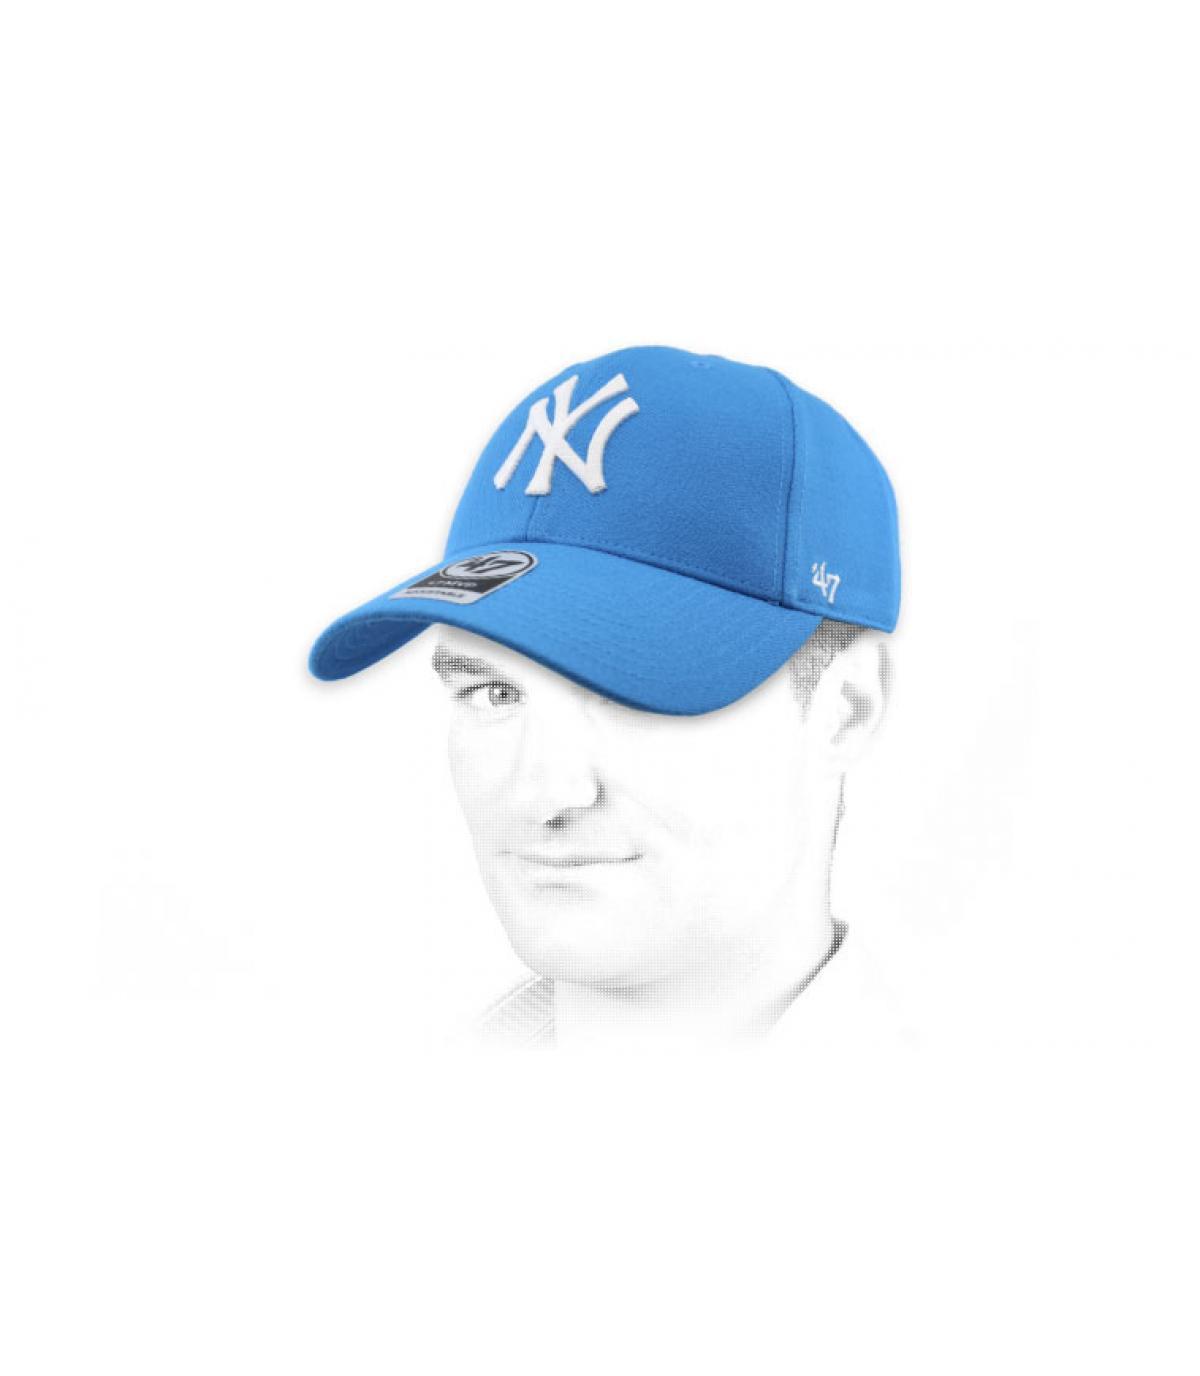 gorra NY azul claro 47